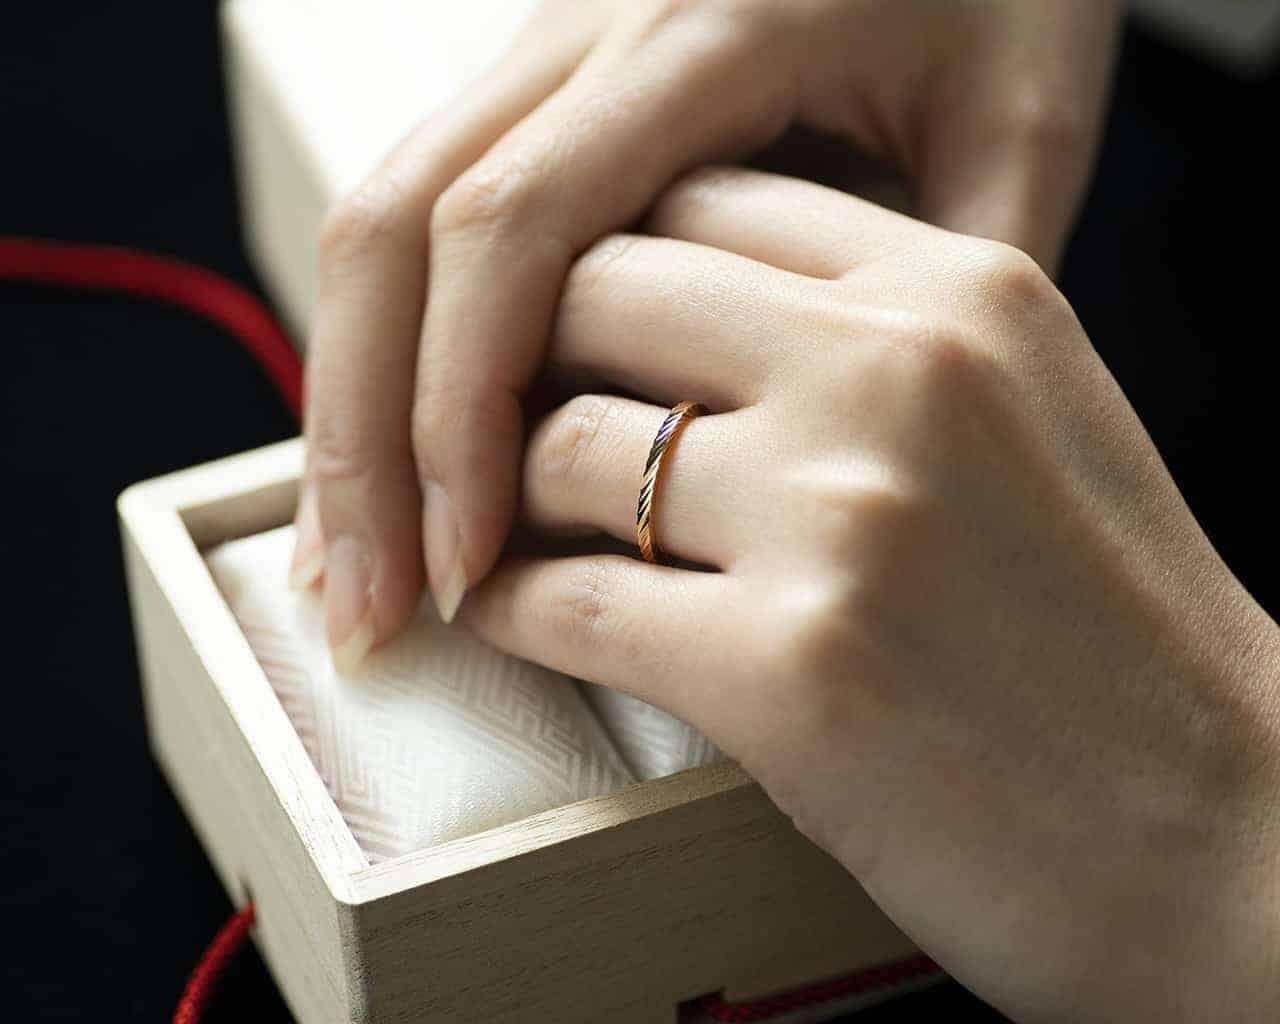 江戸の粋・和の指輪ブランド「TOMOE -巴-」の空間で指輪選びを。【体験レポ】のカバー写真 0.8